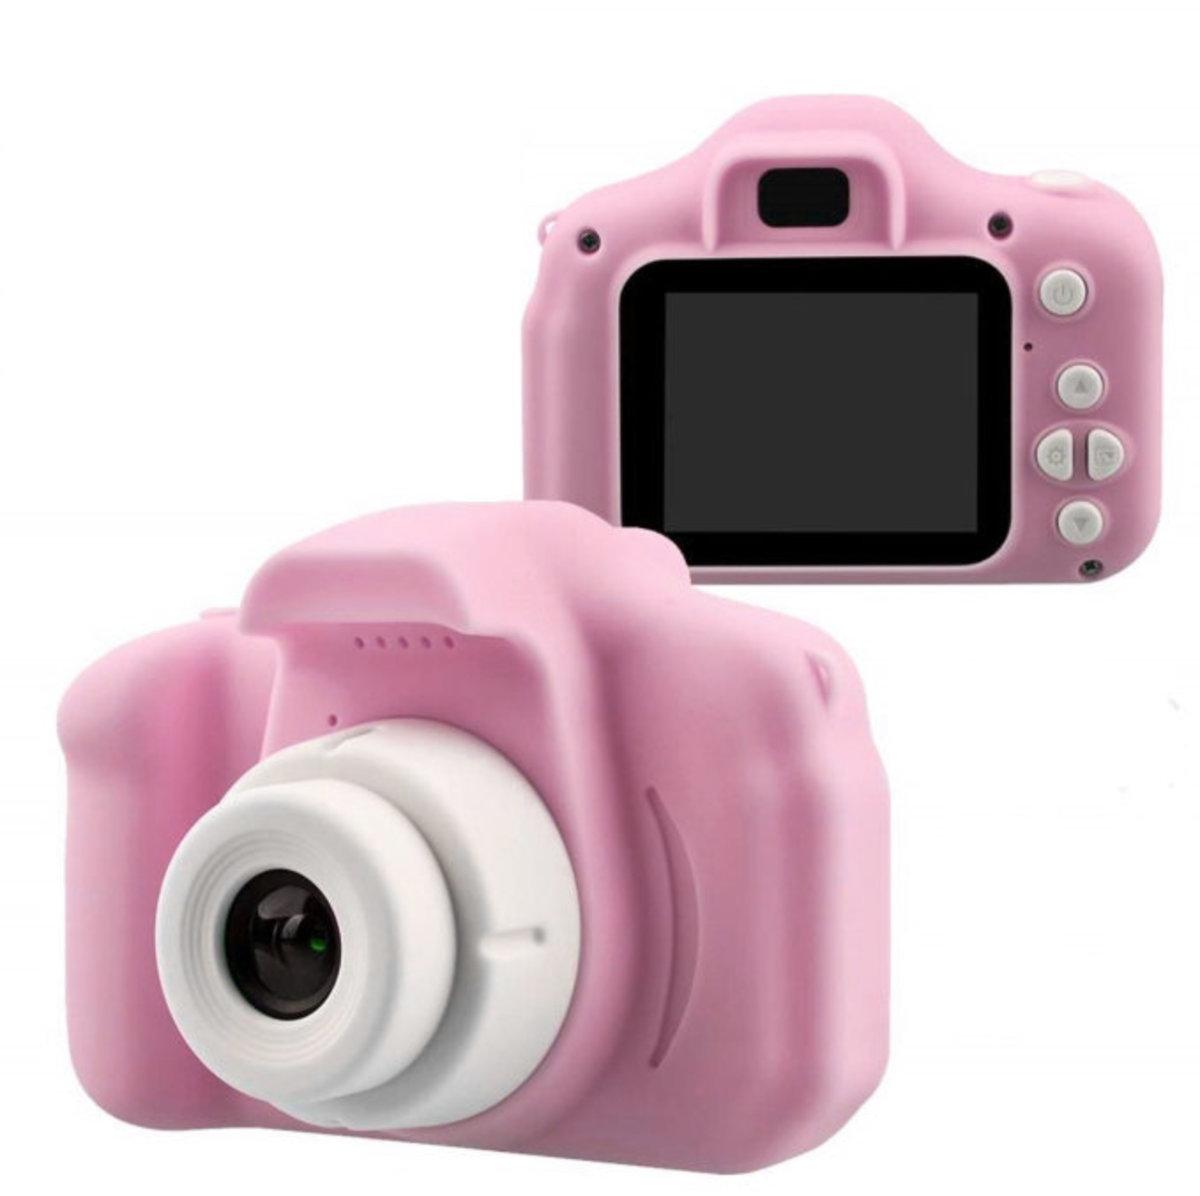 兒童數碼相機 (粉紅)